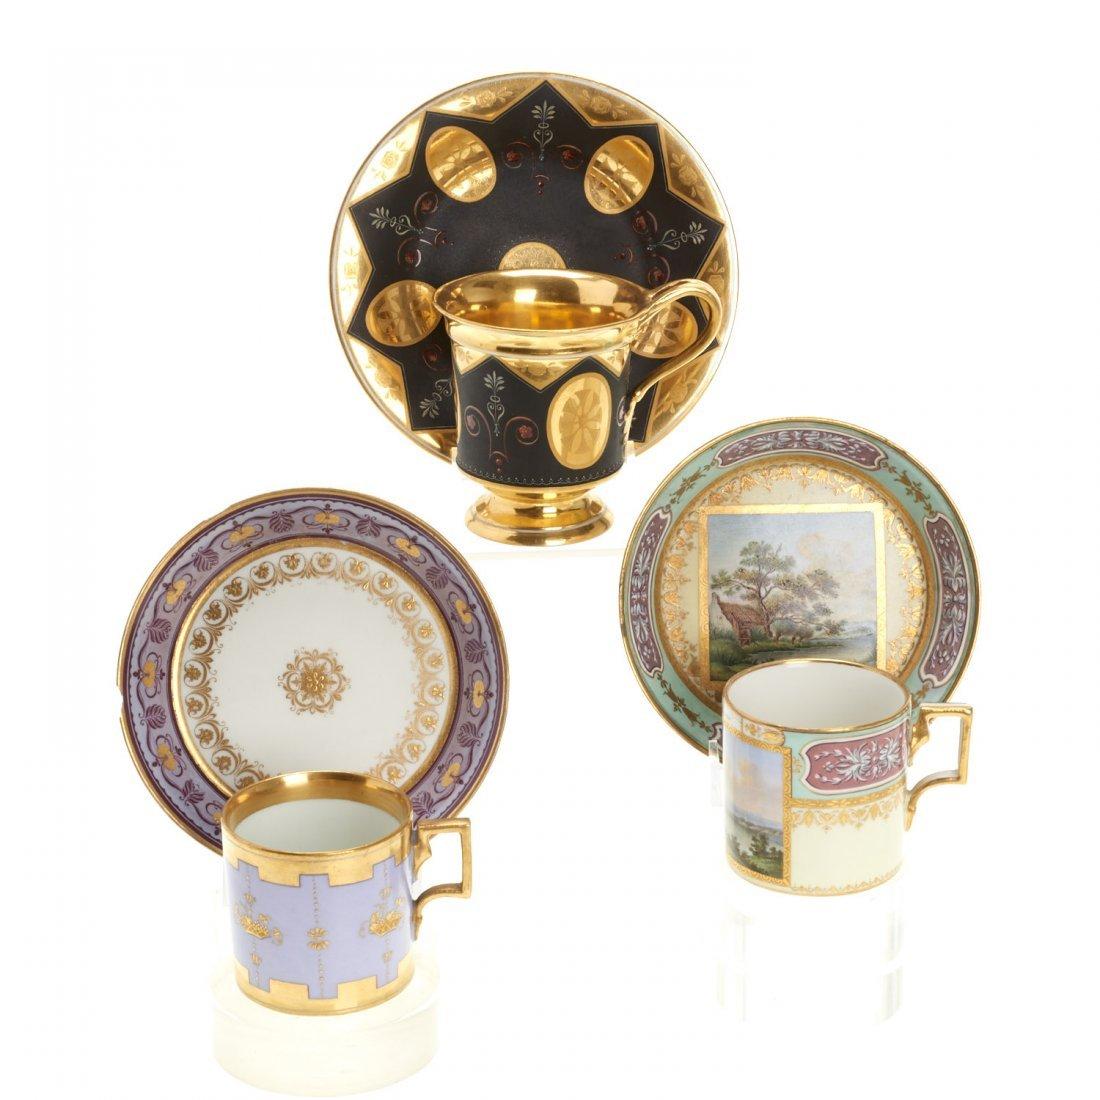 (3) Royal Vienna porcelain teacups/saucers